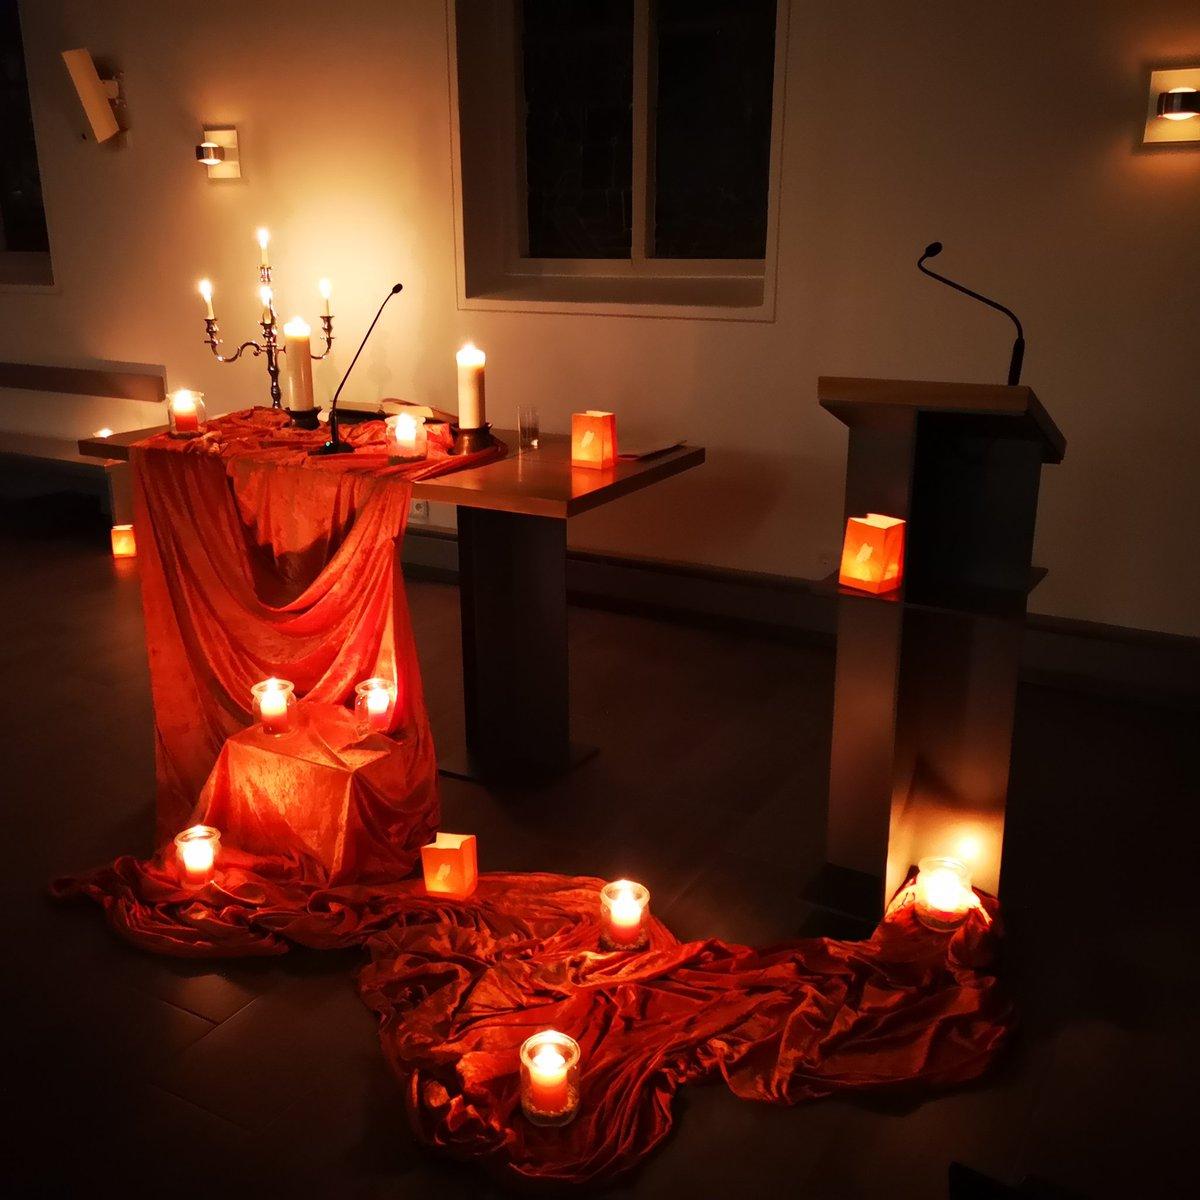 Impression vom #g19 #taize Gottesdienst gestern Abend bei #ekduelken. Die Taizé-Reihe geht damit wohl schon in die Sommerpause, aber am 18.04. (Gründonnerstag) ist ein #g19 #feierabendmahl und am 28.06. ist ein weiterer #g19 geplant (weitere Ideen willkommen...)